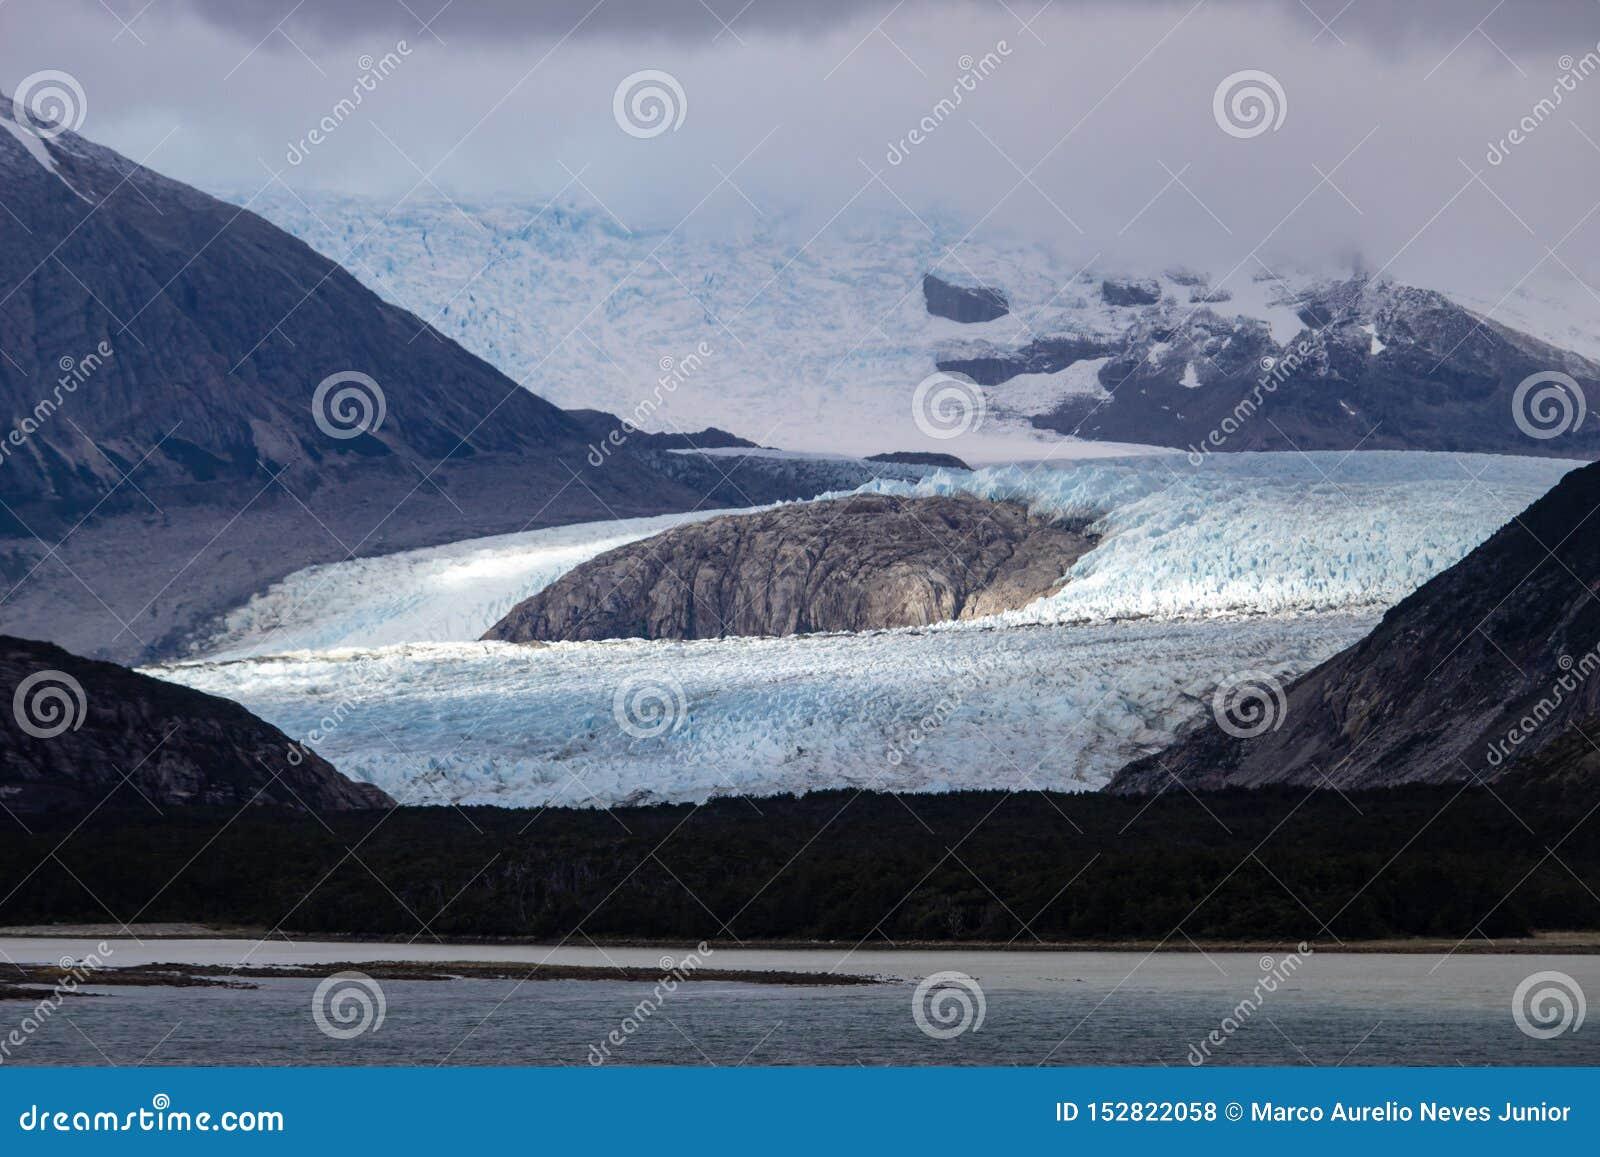 Callejón del glaciar - el canal del beagle - Patagonia la Argentina de Ushuaia